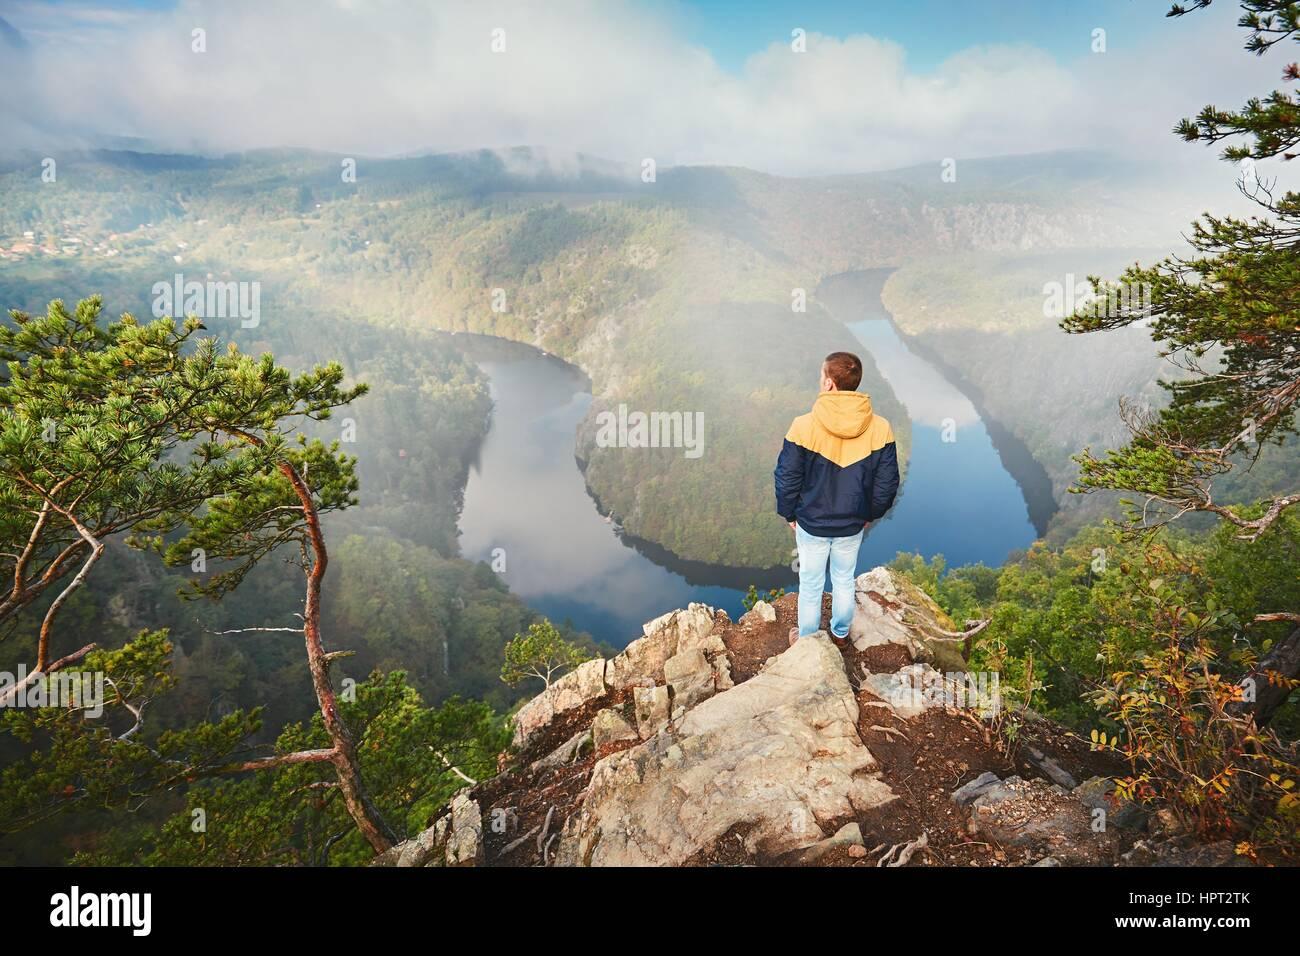 Viajero en la cima de la roca. Joven disfrutando de vistas sobre el valle del río en la niebla matutina. El Imagen De Stock